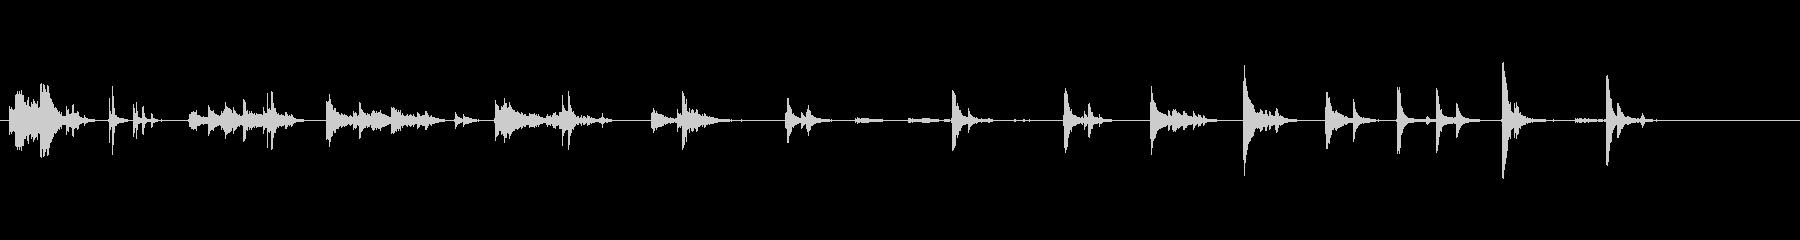 落とした/投げた金属:マルチ音の未再生の波形